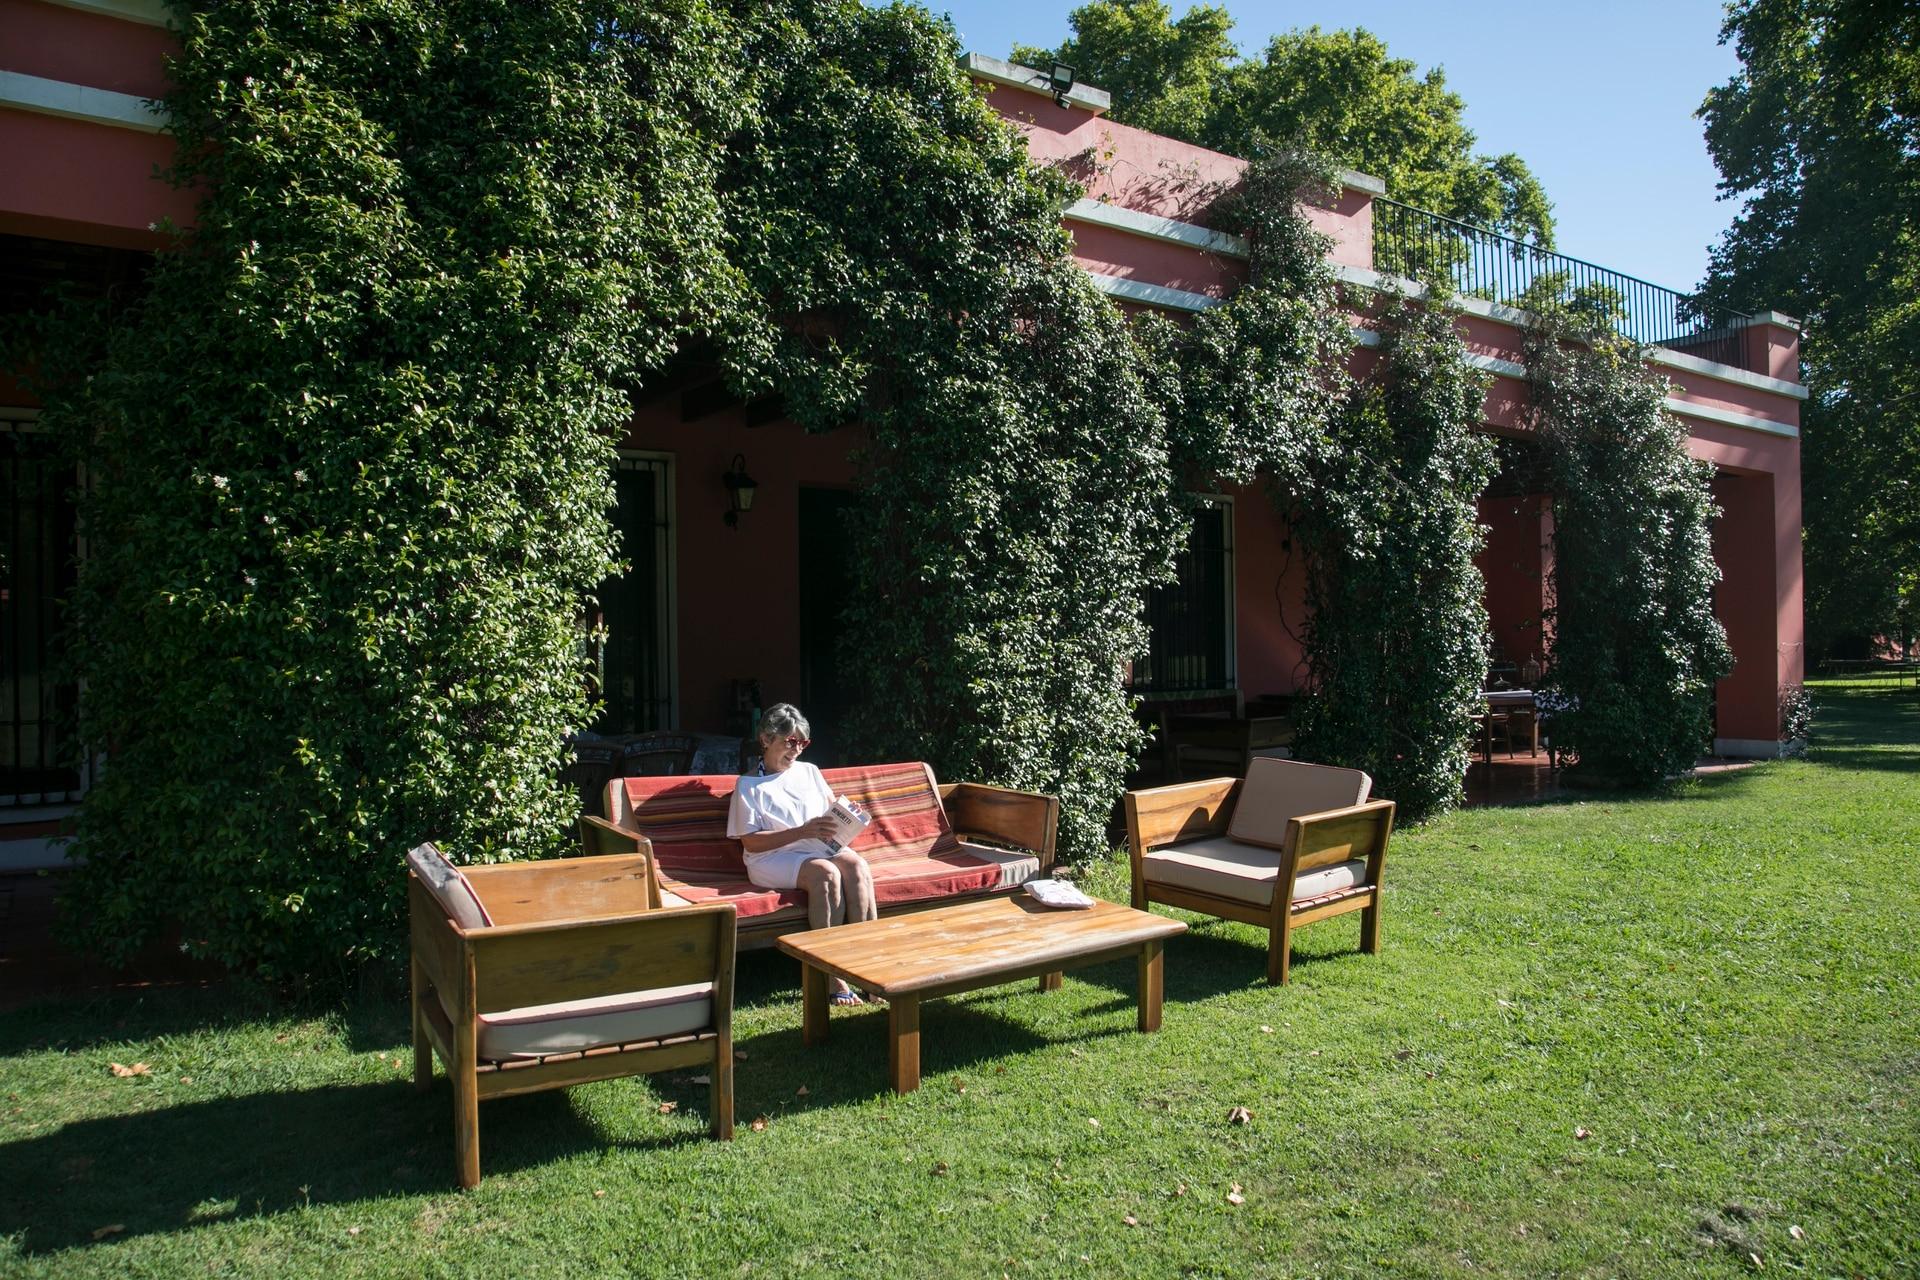 El parque se presta para leer o relajarse con vista al verde.